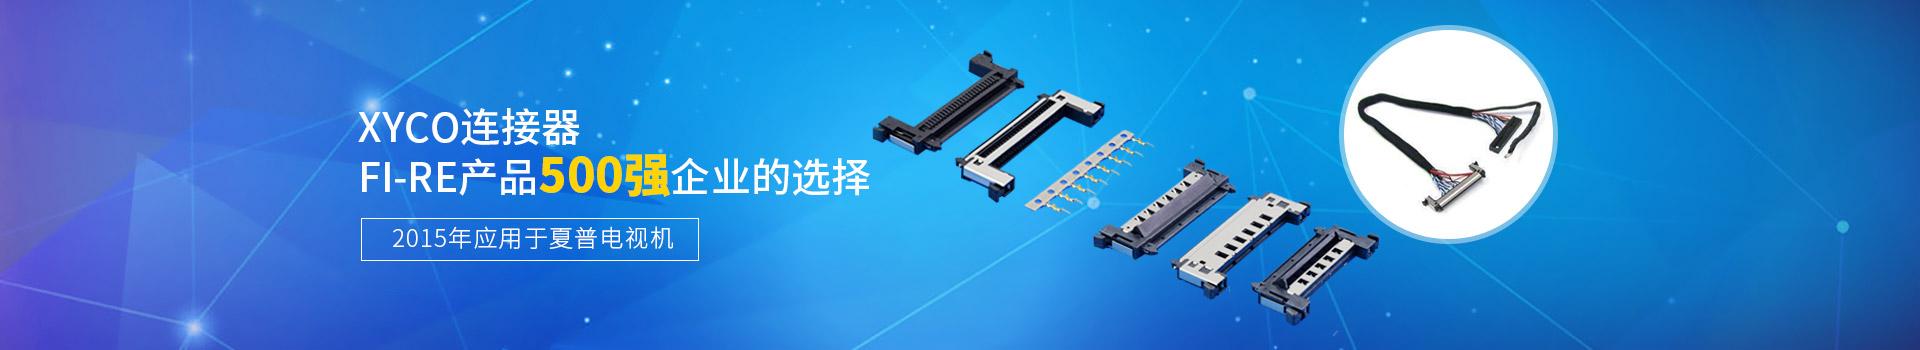 轩业-业内焊接式连接器扩间距研发者